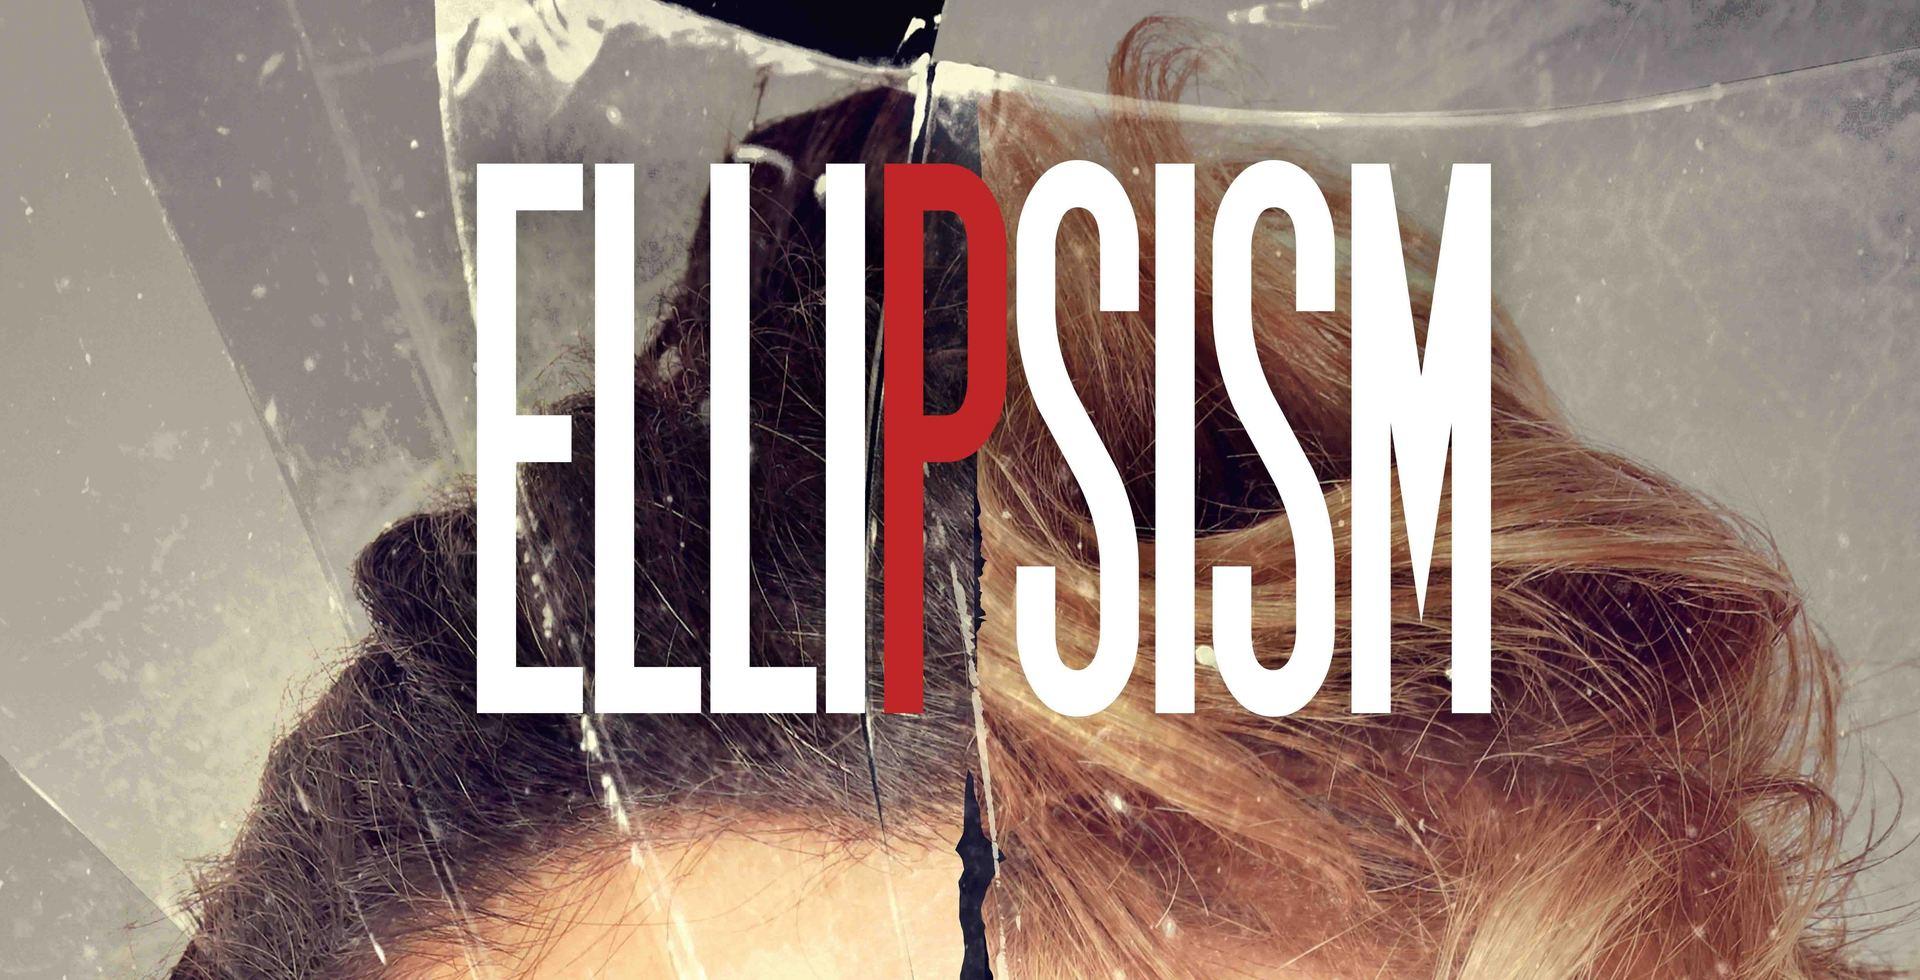 imagen de cabecera del cortometraje de ficción Ellipsism